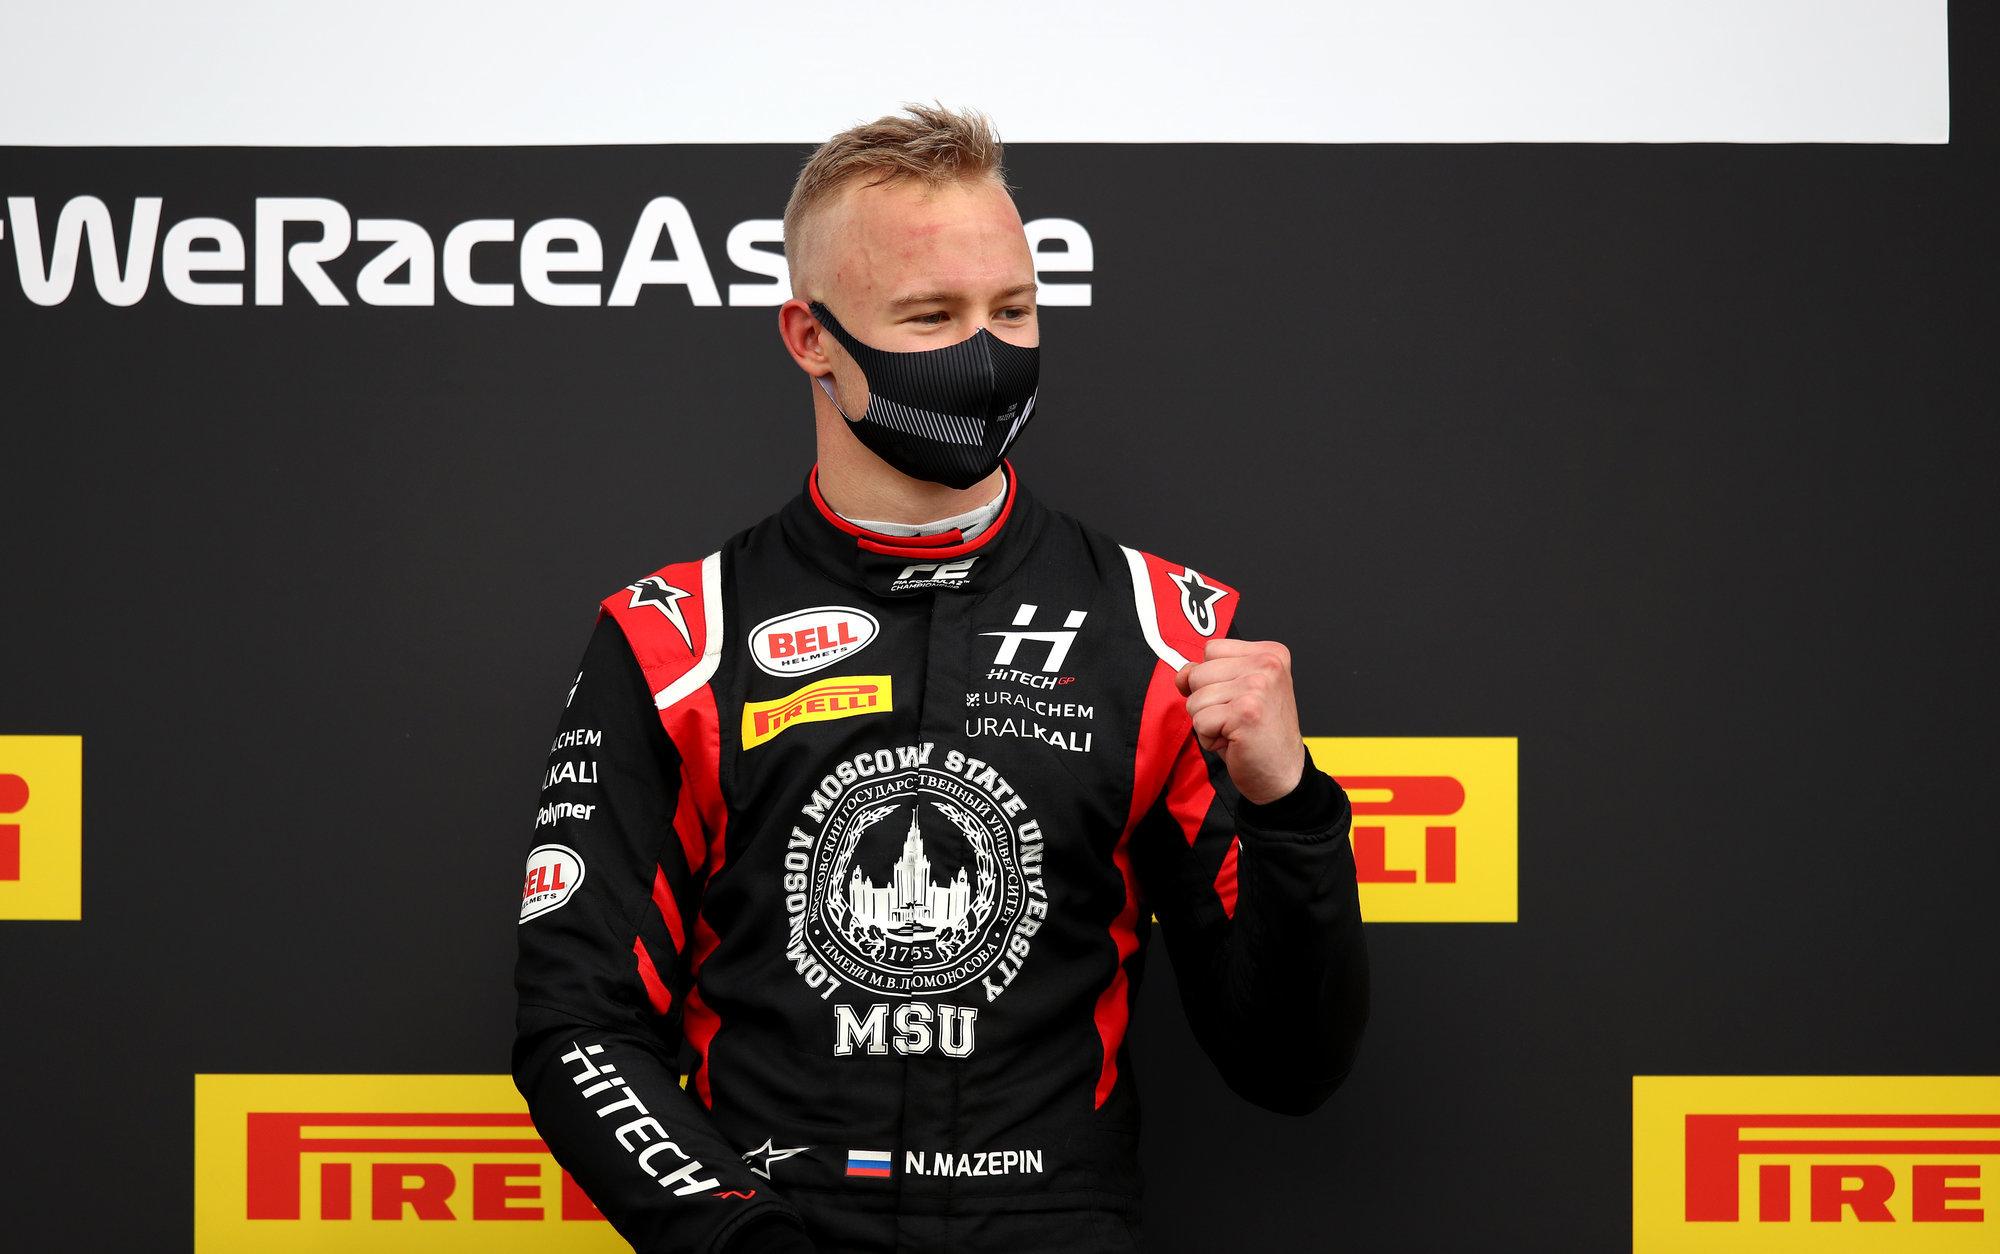 Мазепин попал на пьедестал второй гонки «Формулы-2» в Сочи. Соревнование прервали после семи кругов из-за аварии